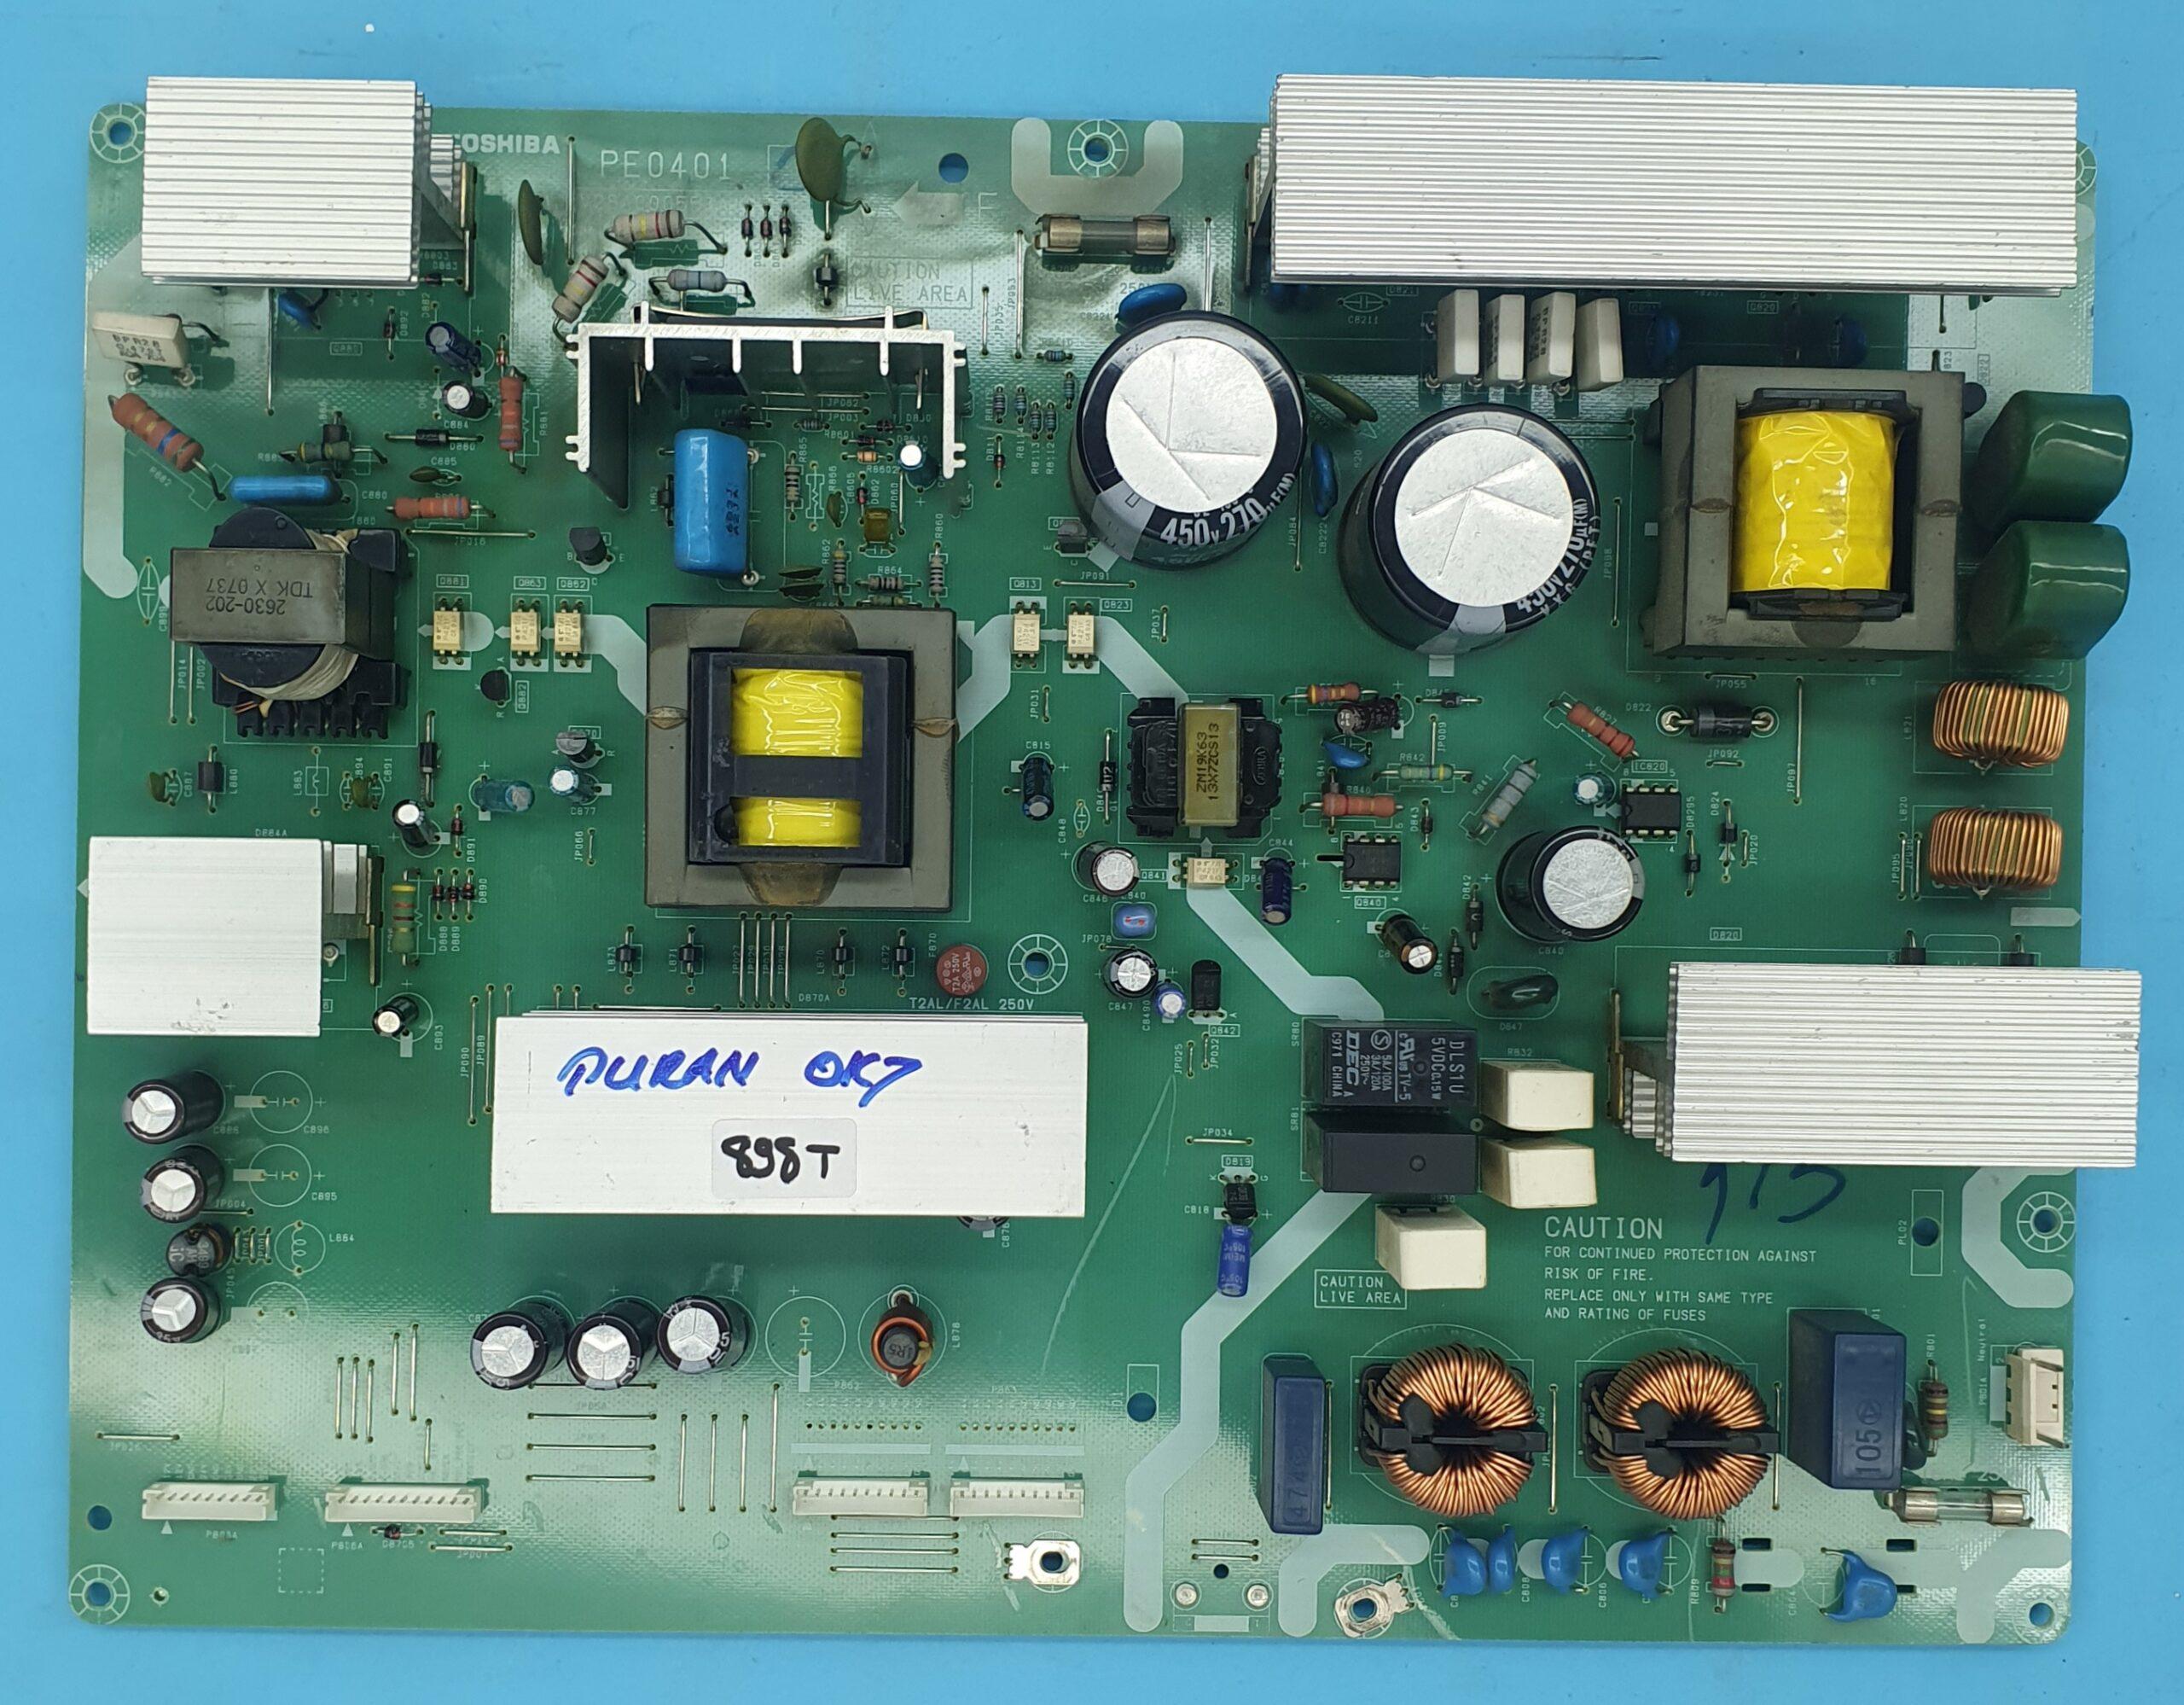 PE0401-V28A000553A1 TOSHIBA Power (KDV DAHİL = 150 TL)